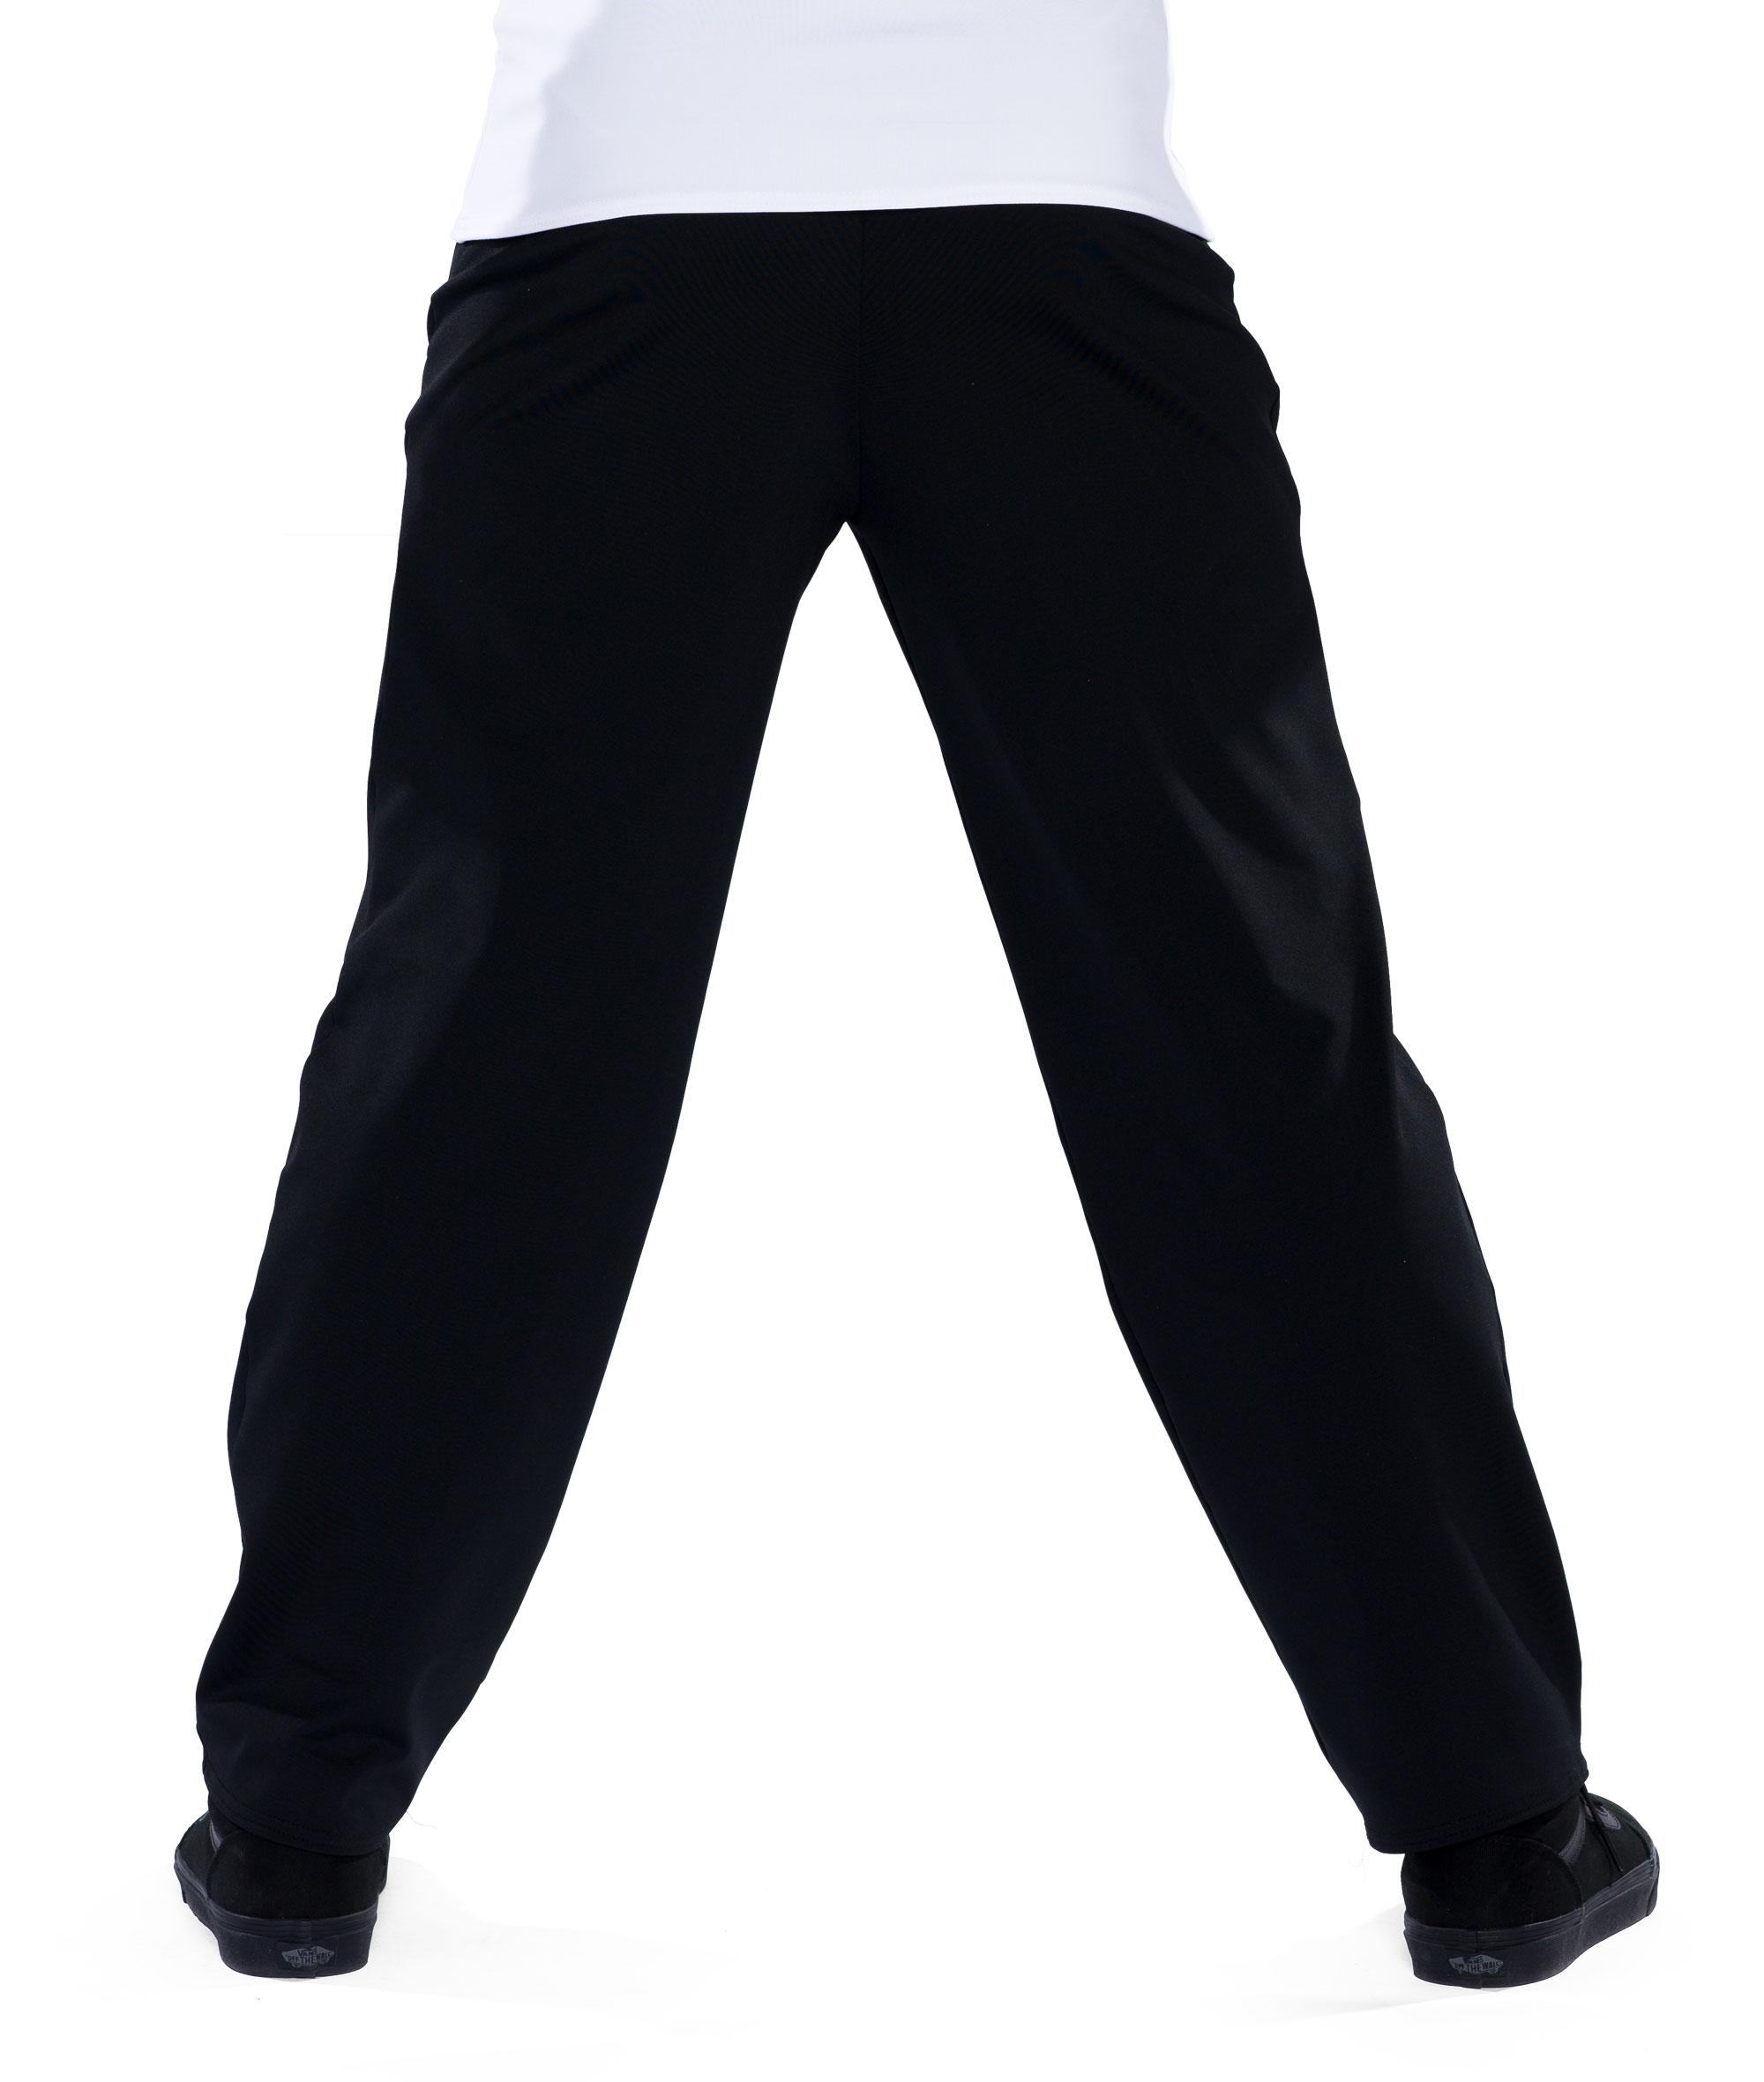 DRYFIT GUY PANTS